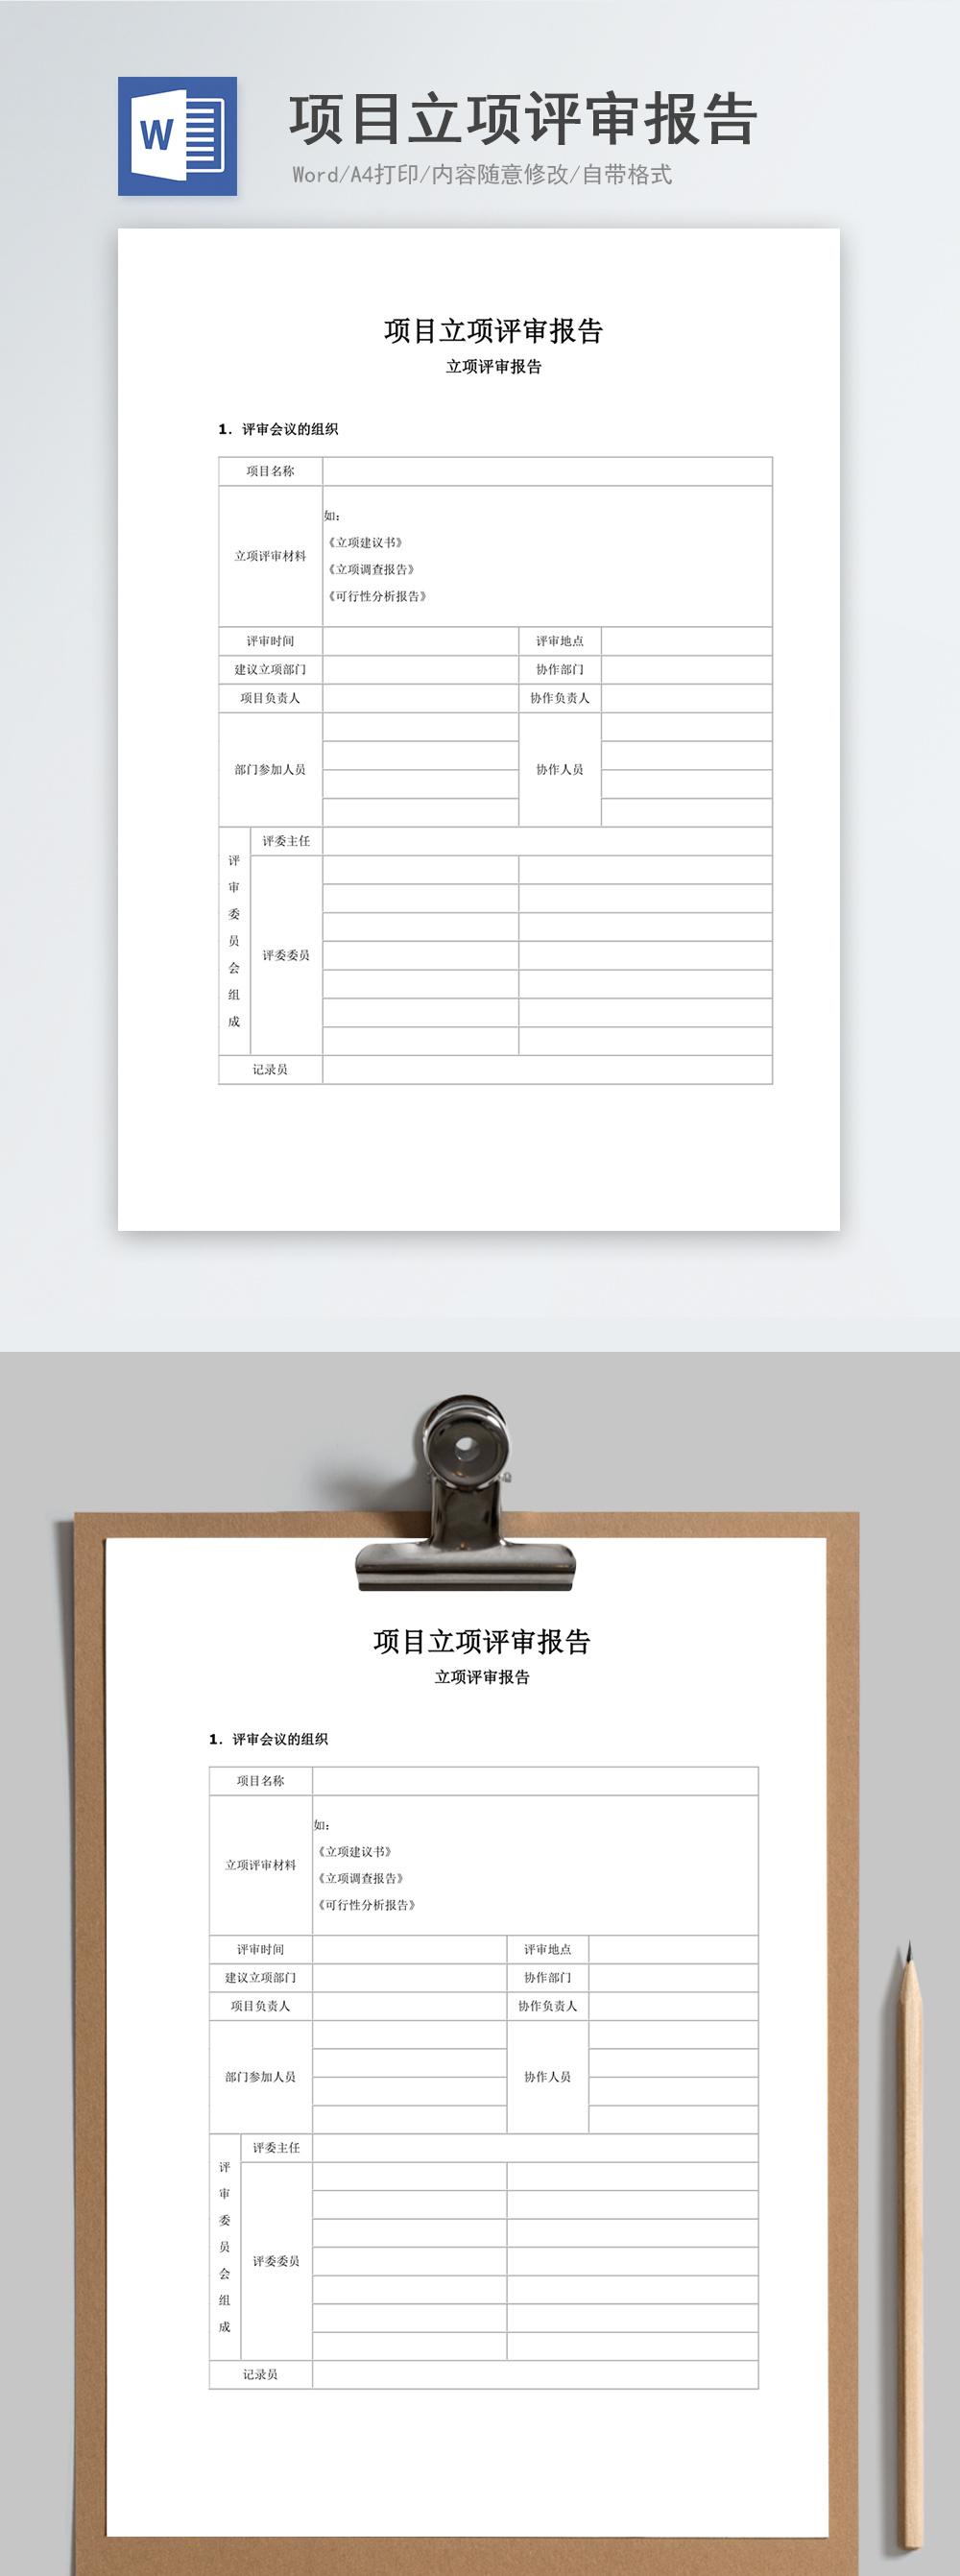 项目立项评审报告(方案)图片